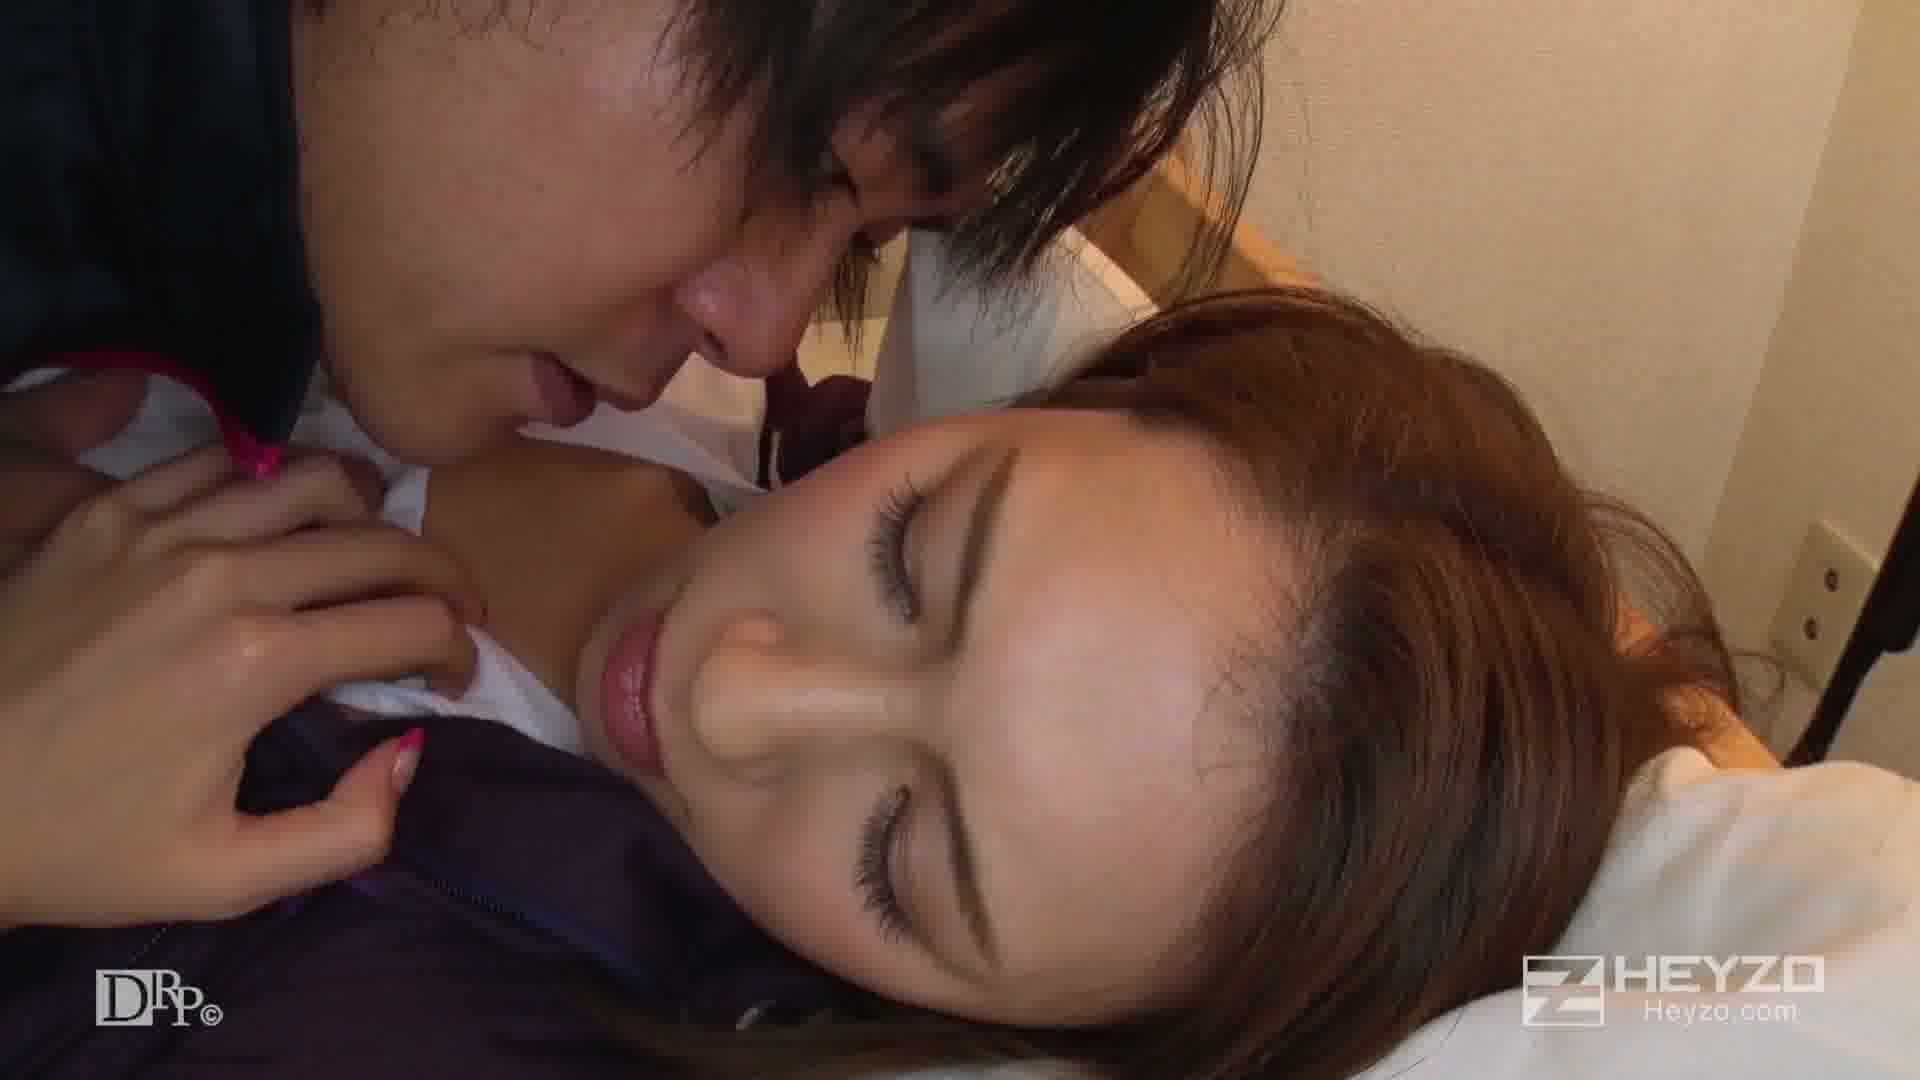 お姉さんの優しさにつけこんで。。。~スパッツの下はノーパン~ - 浜田麻由美【前戯】